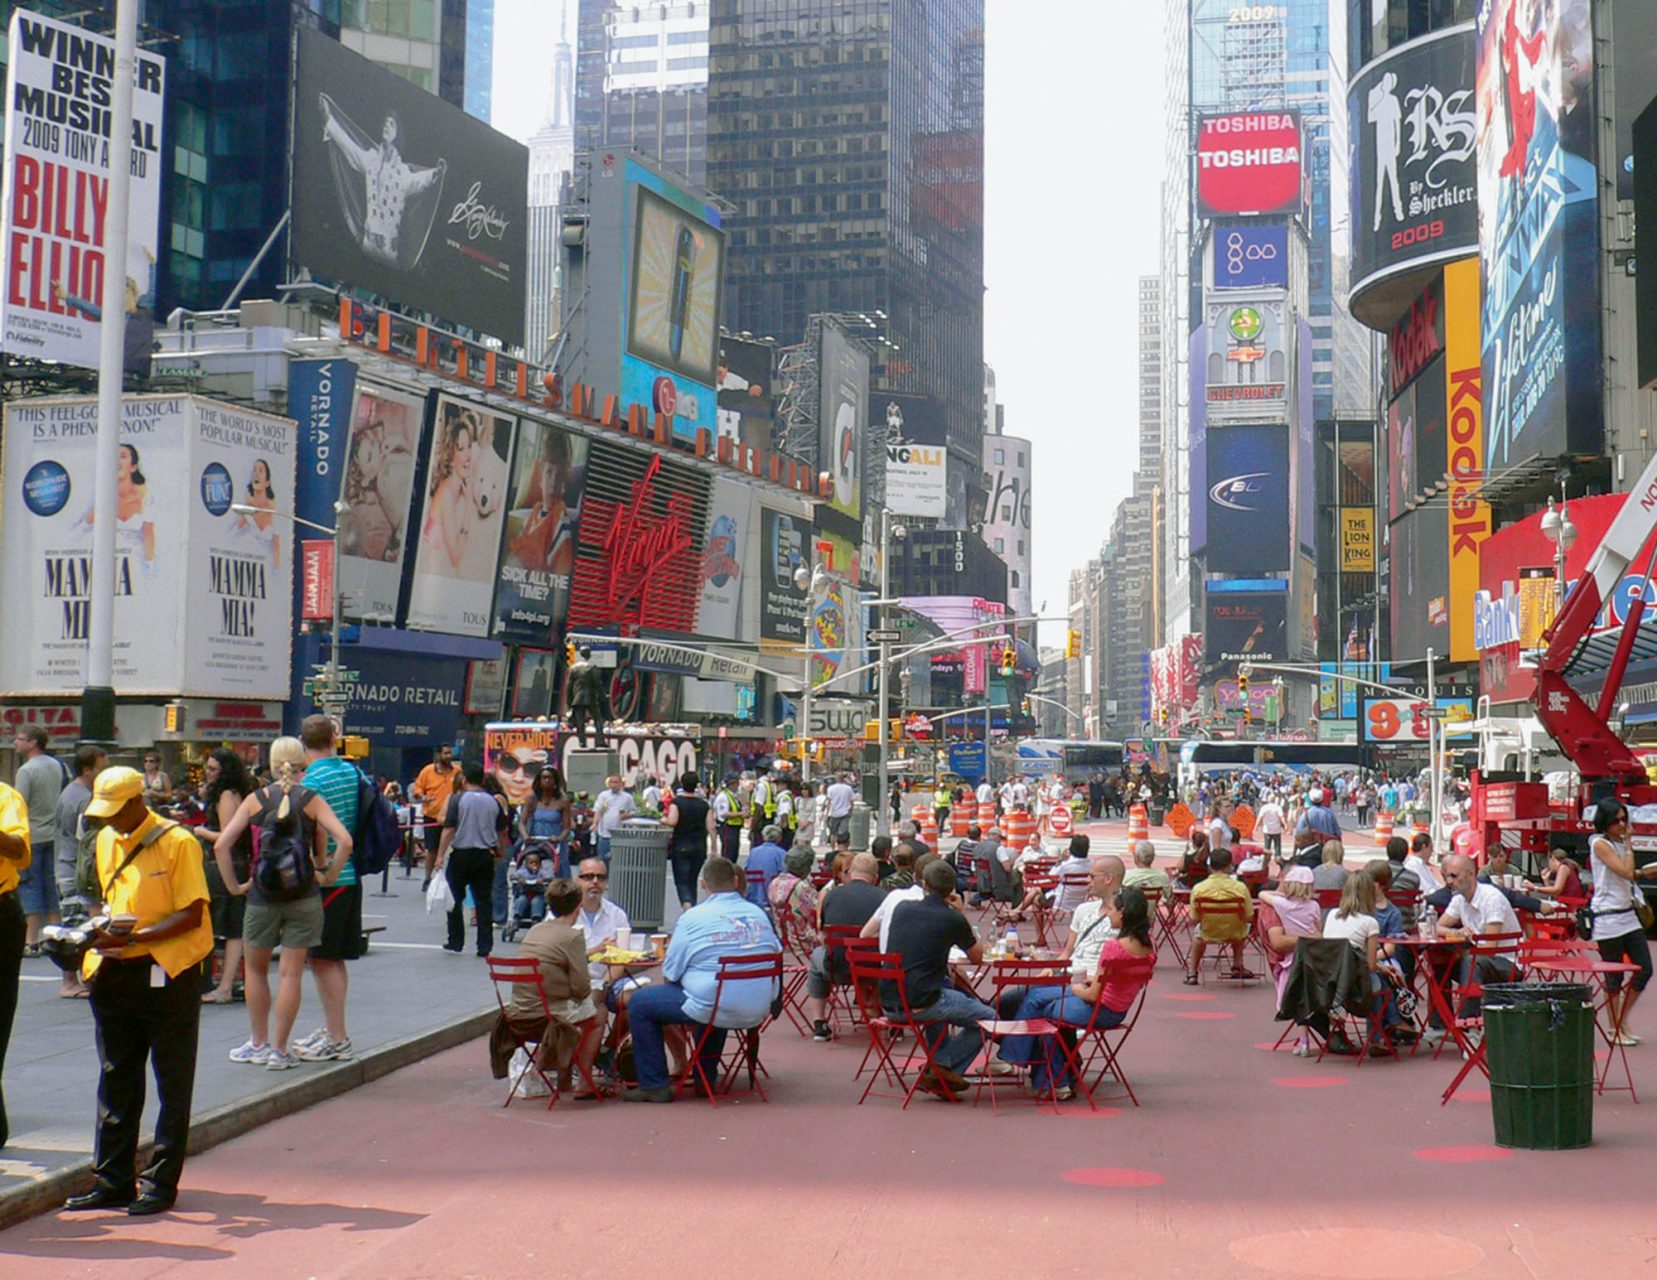 Das menschliche Maß. Seitdem der New Yorker Broadway mit dem Times Square 2009 dauerhaft für den motorisierten Verkehr gesperrt wurde, stehen dem Stadtleben zusätzlich 7000 Quadratmeter attraktive Aufenthaltsfläche zur Verfügung.